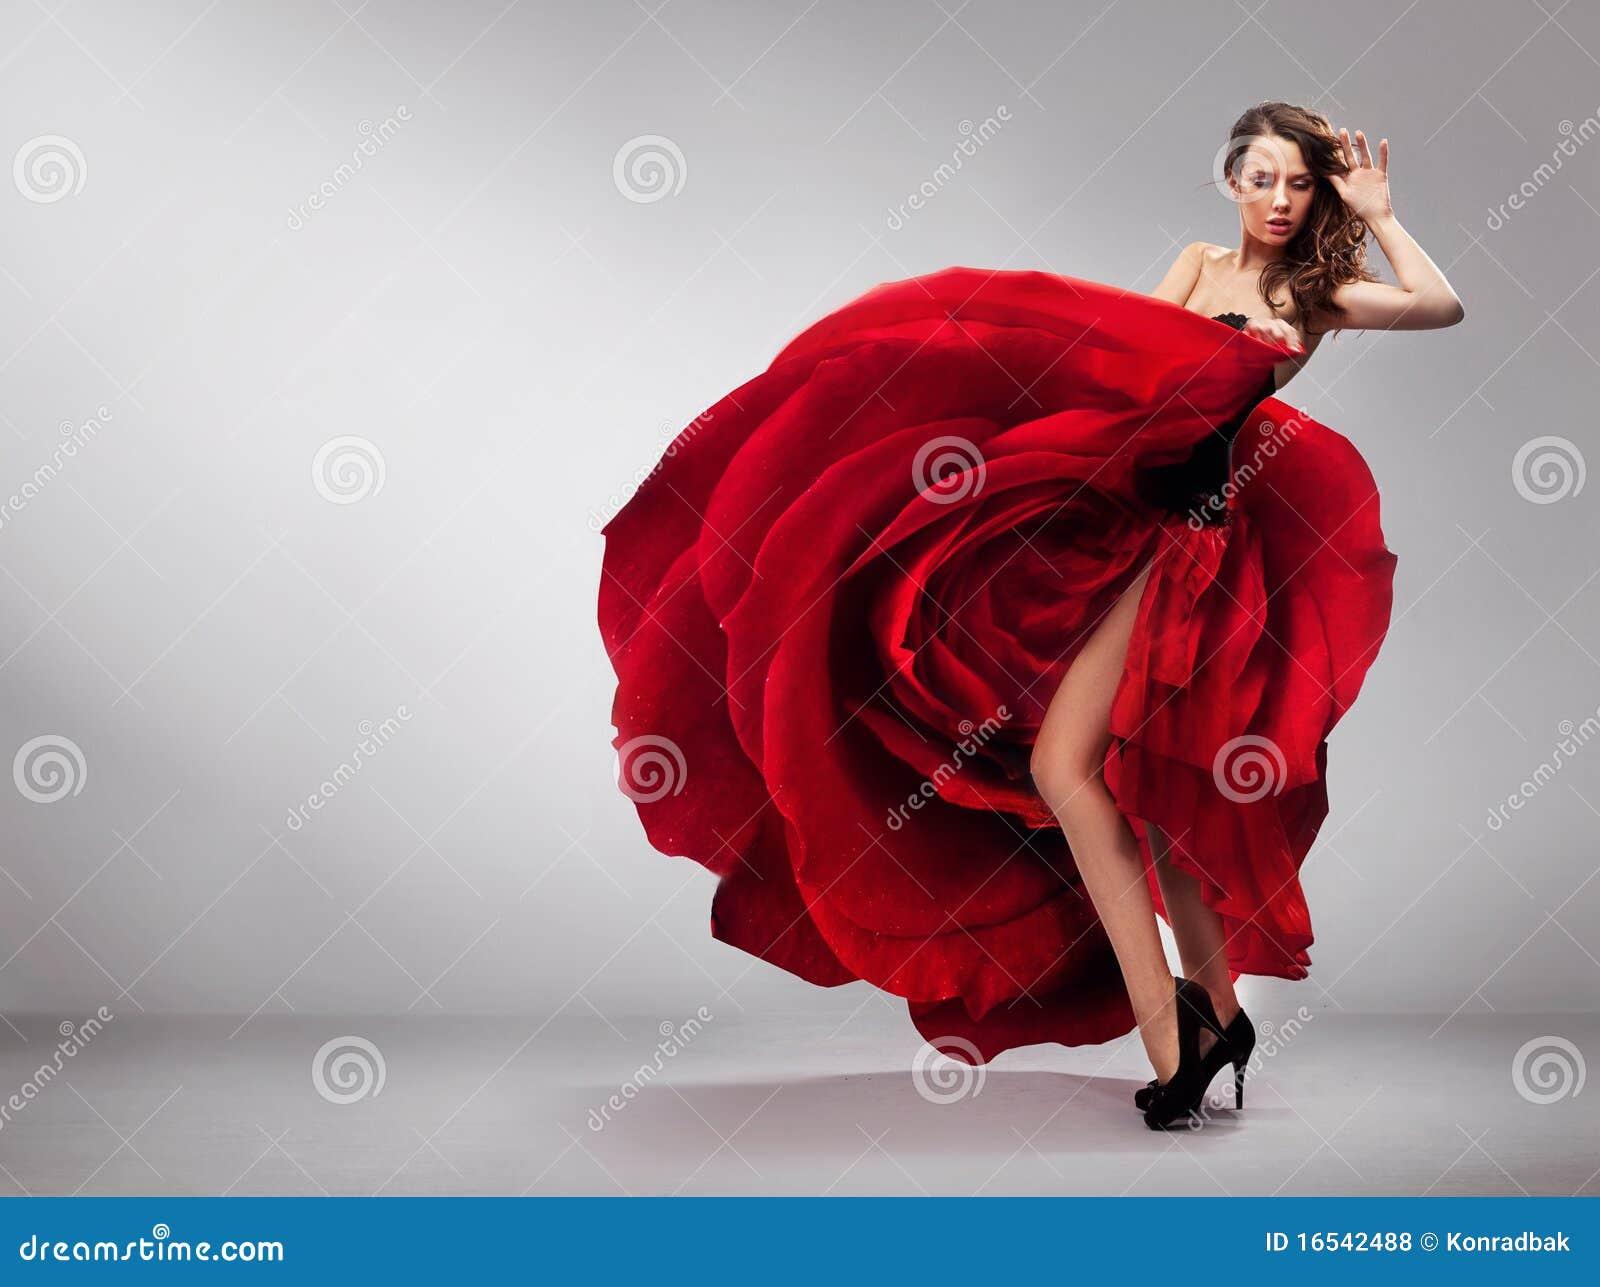 Vestido de cuadros 5 - 4 10